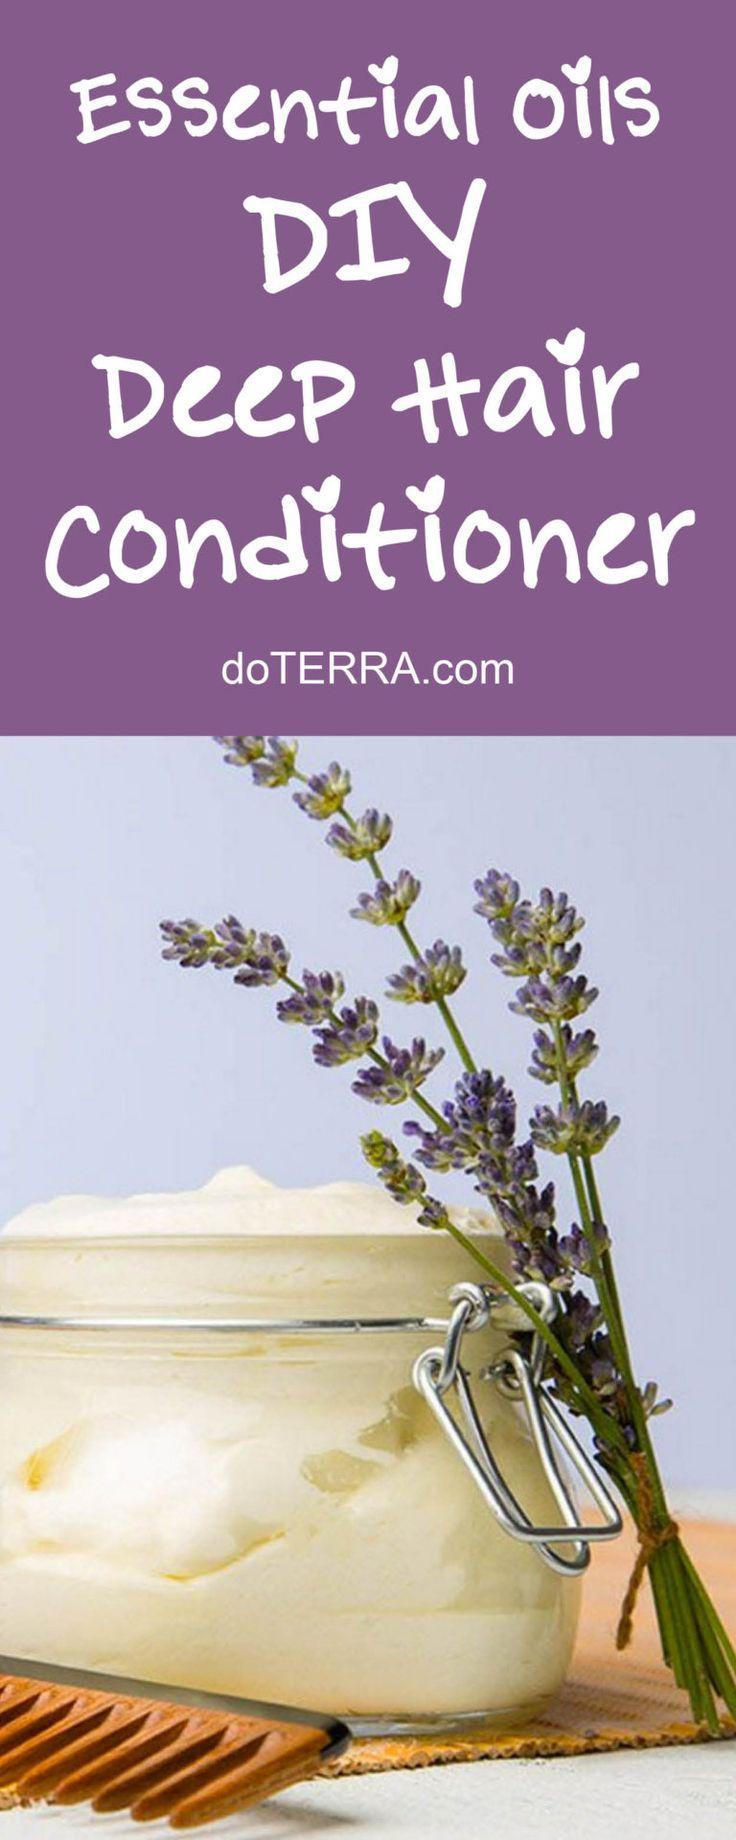 doTERRA Essential Oil DIY Deep Hair Conditioner Recipe DIY Beauty doTERRA Essential Oil Recipes